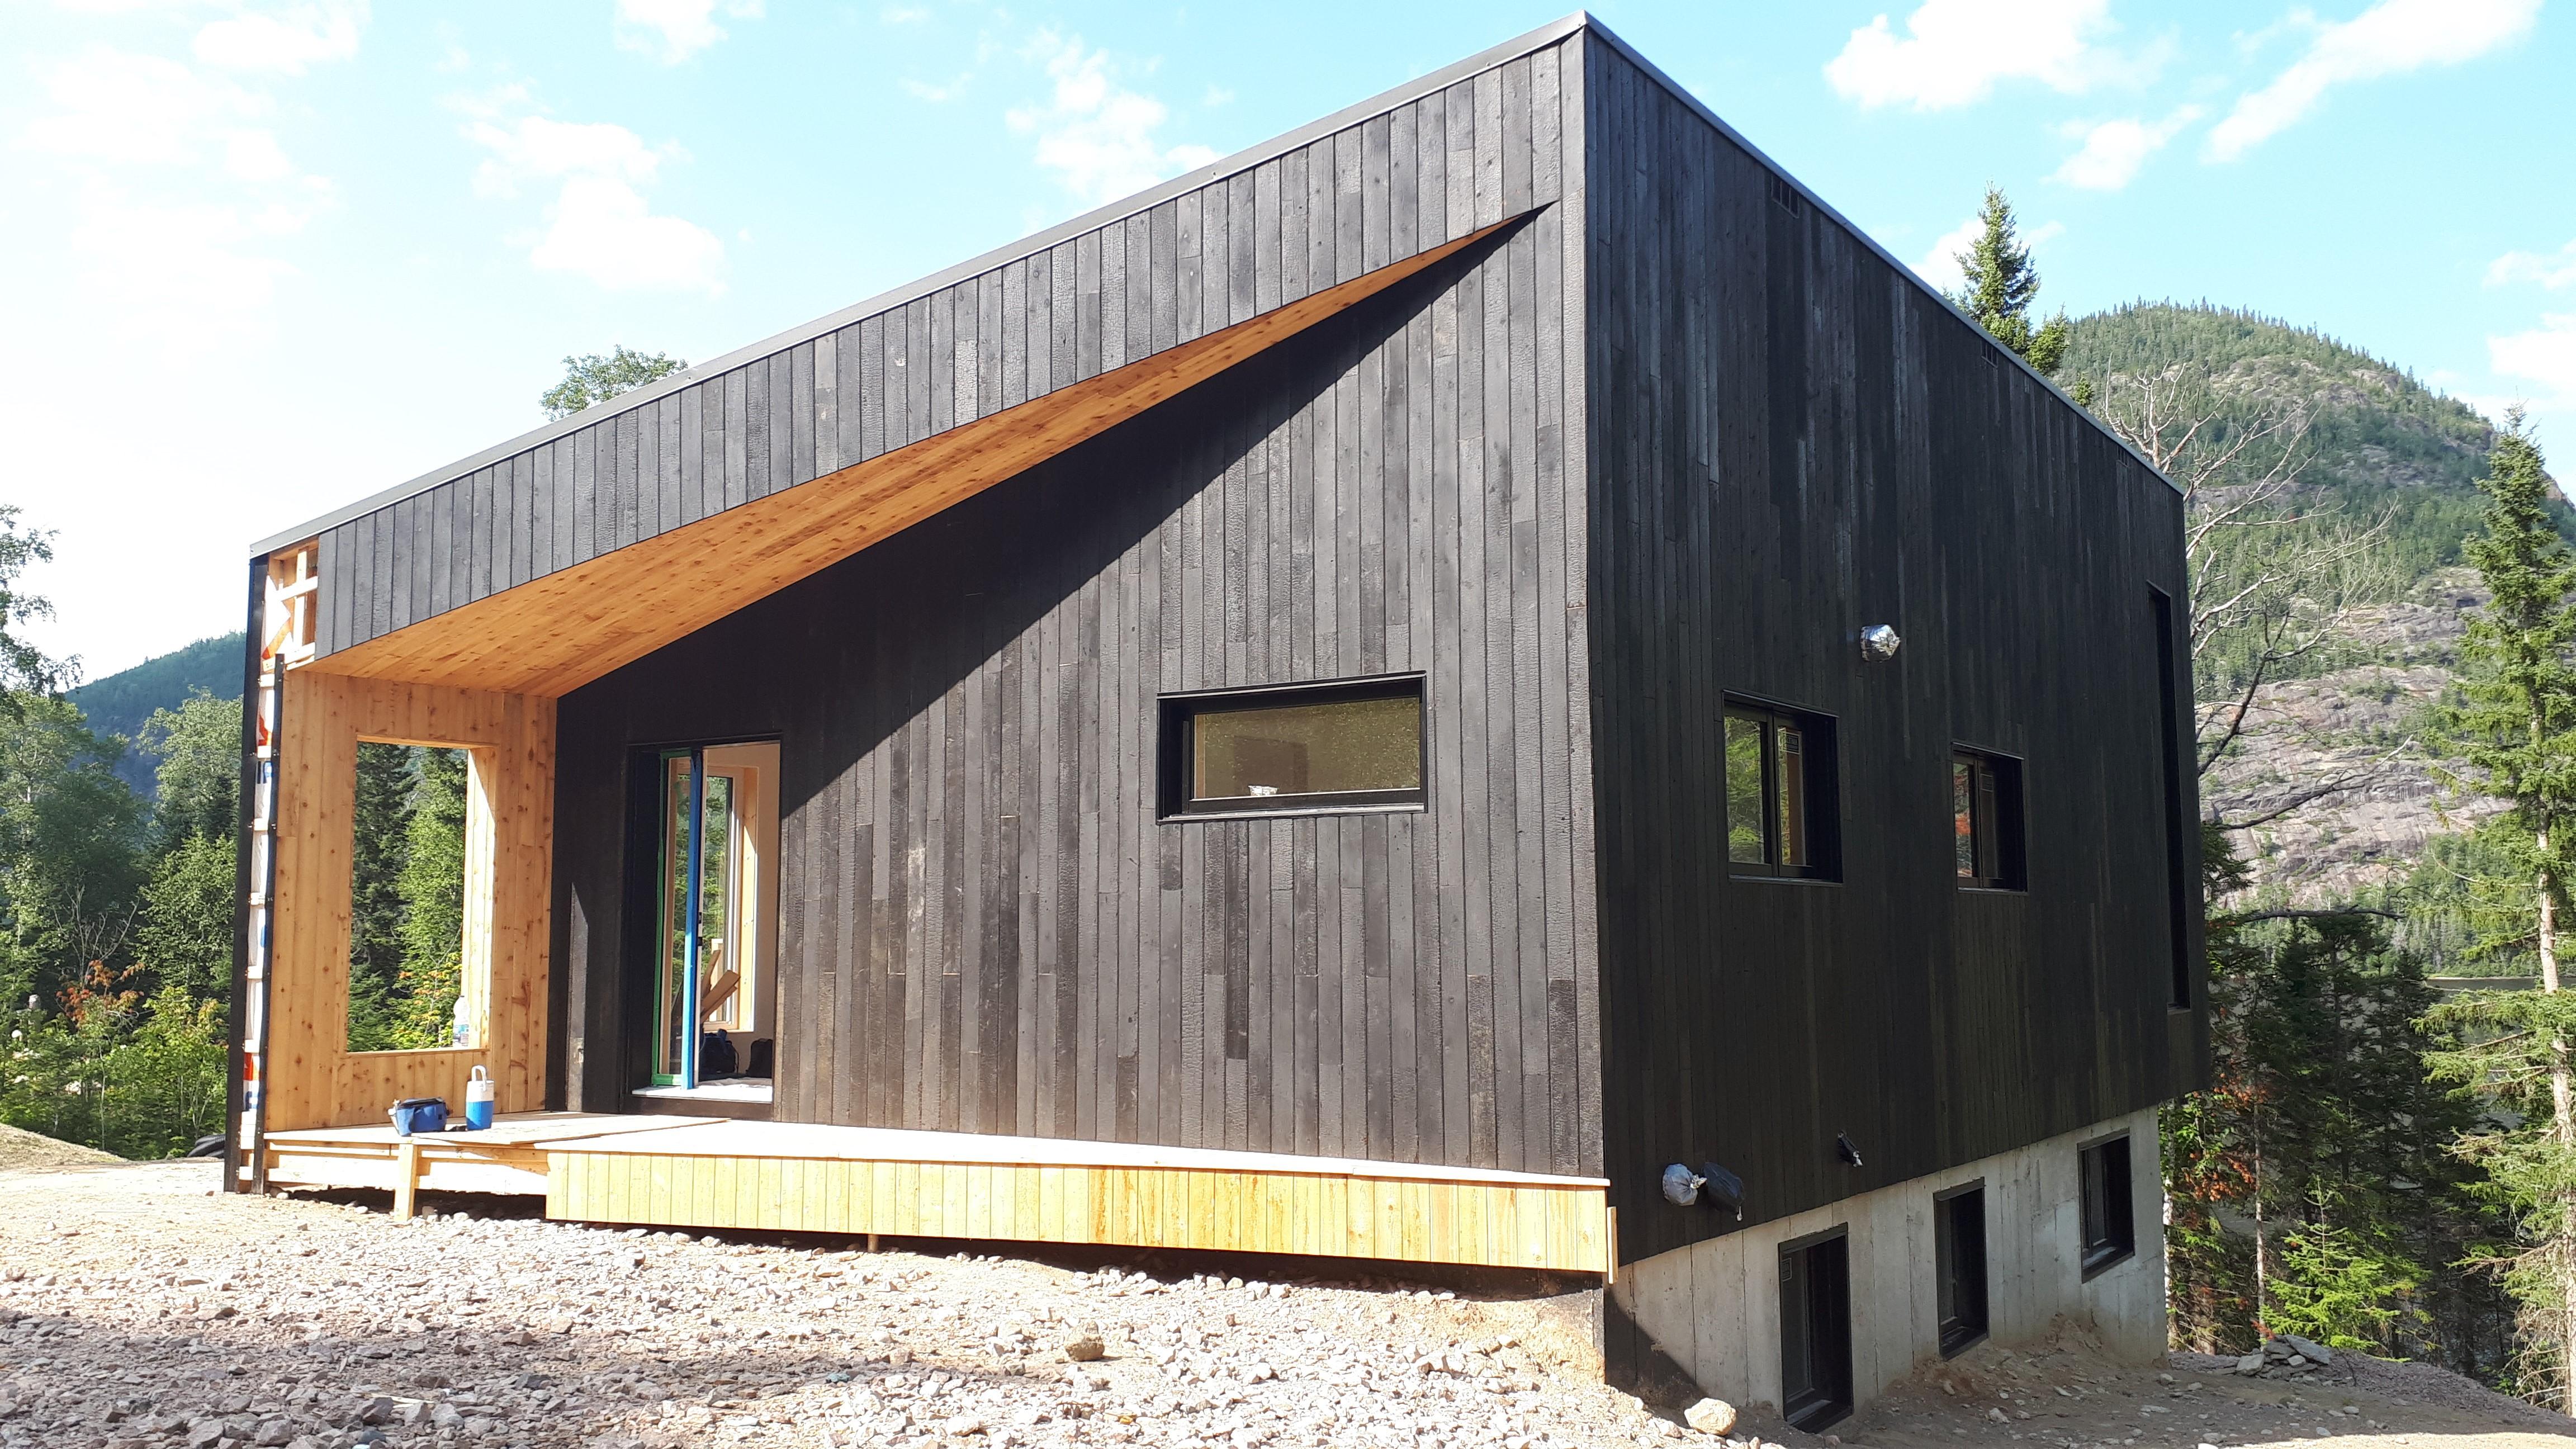 Maison design en bois brûlé